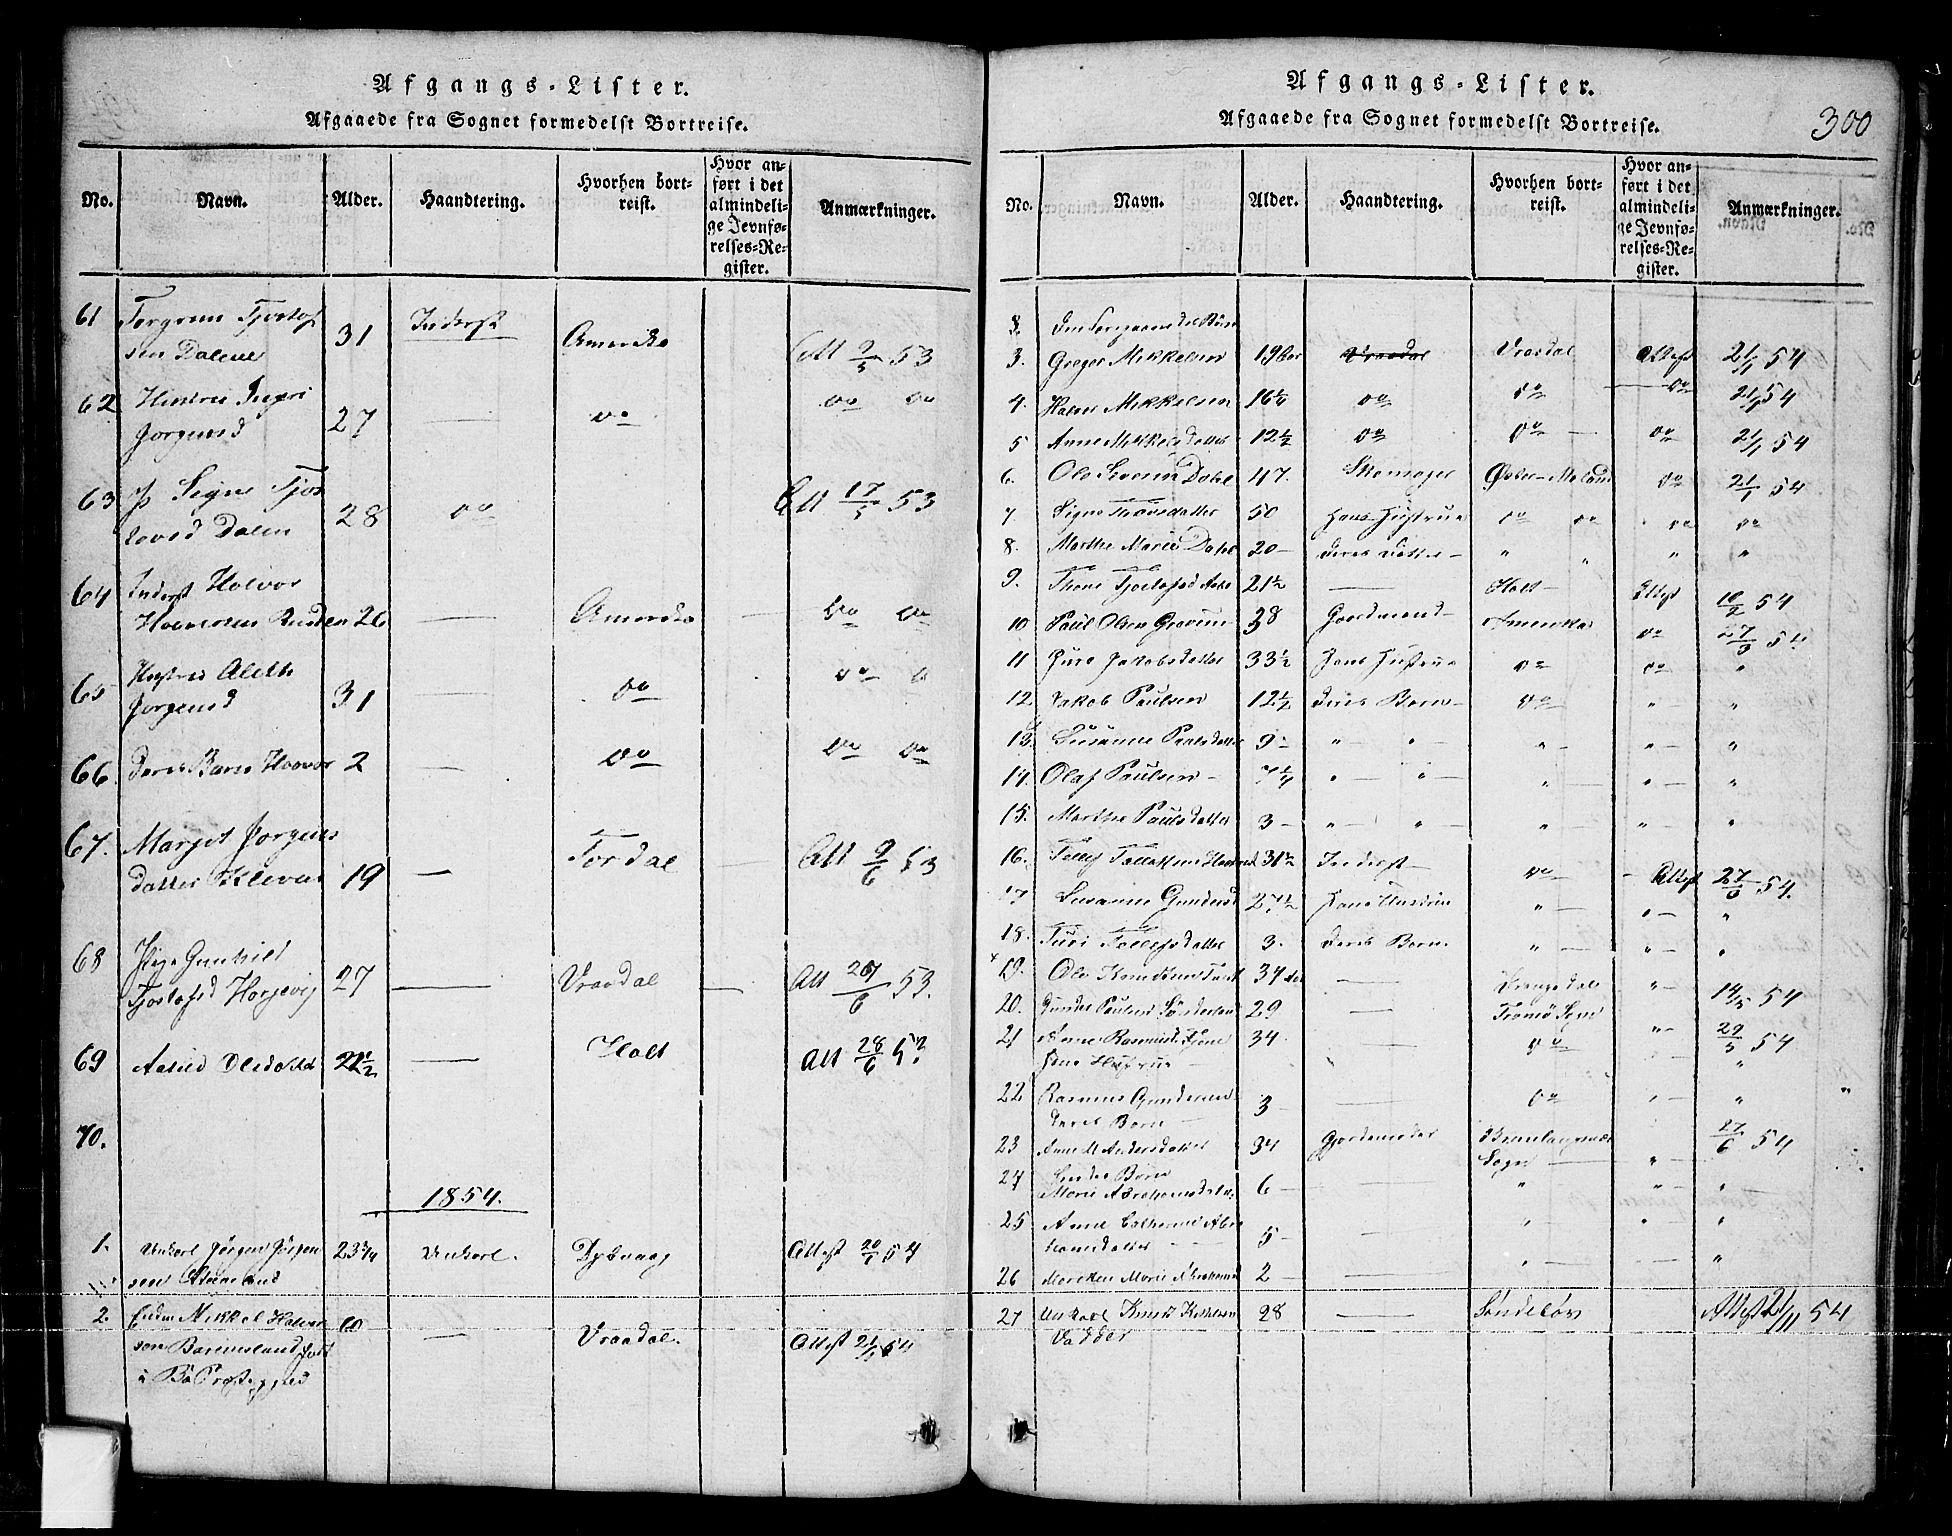 SAKO, Nissedal kirkebøker, G/Ga/L0001: Klokkerbok nr. I 1, 1814-1860, s. 300